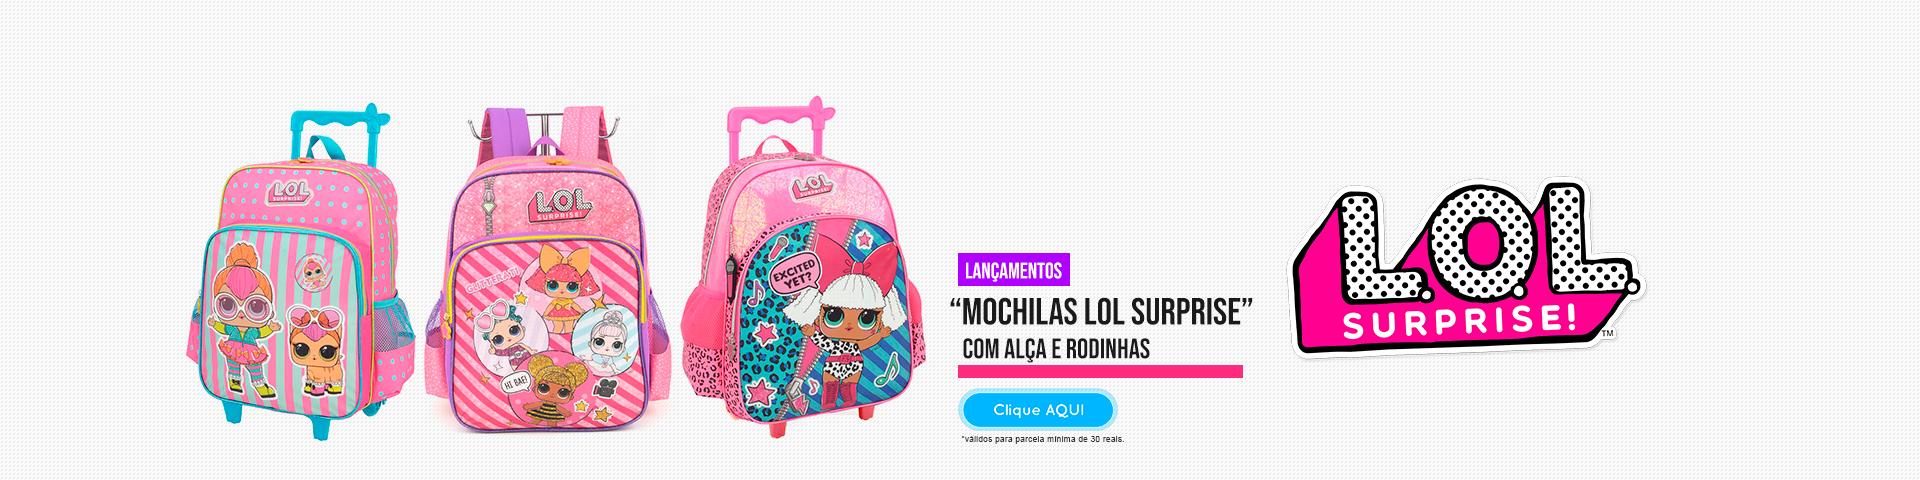 Mochilas LOL